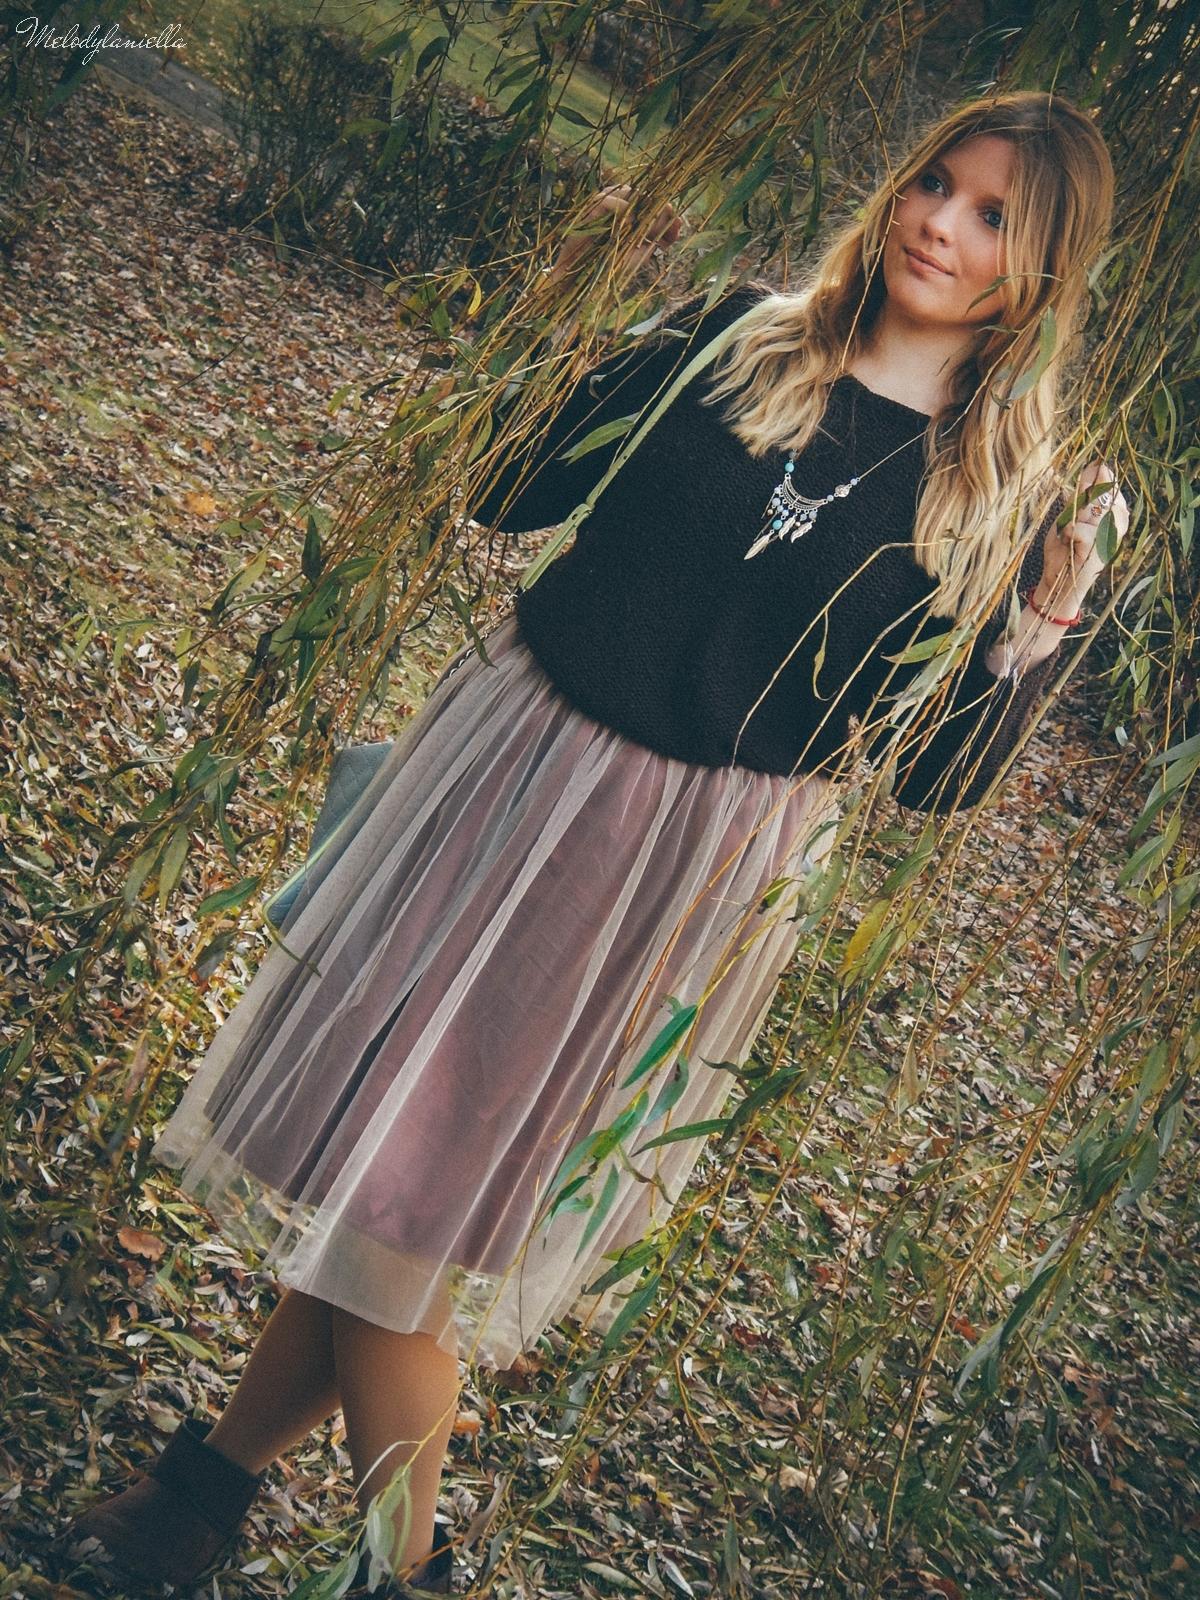 8. jesienna stylizacja tutu tiulowa spódnica dla dorosłych brązowy sweter torebka manzana melodylaniella autumn style fashion ciekawa stylizacja na jesień brązowa spódnica tutu